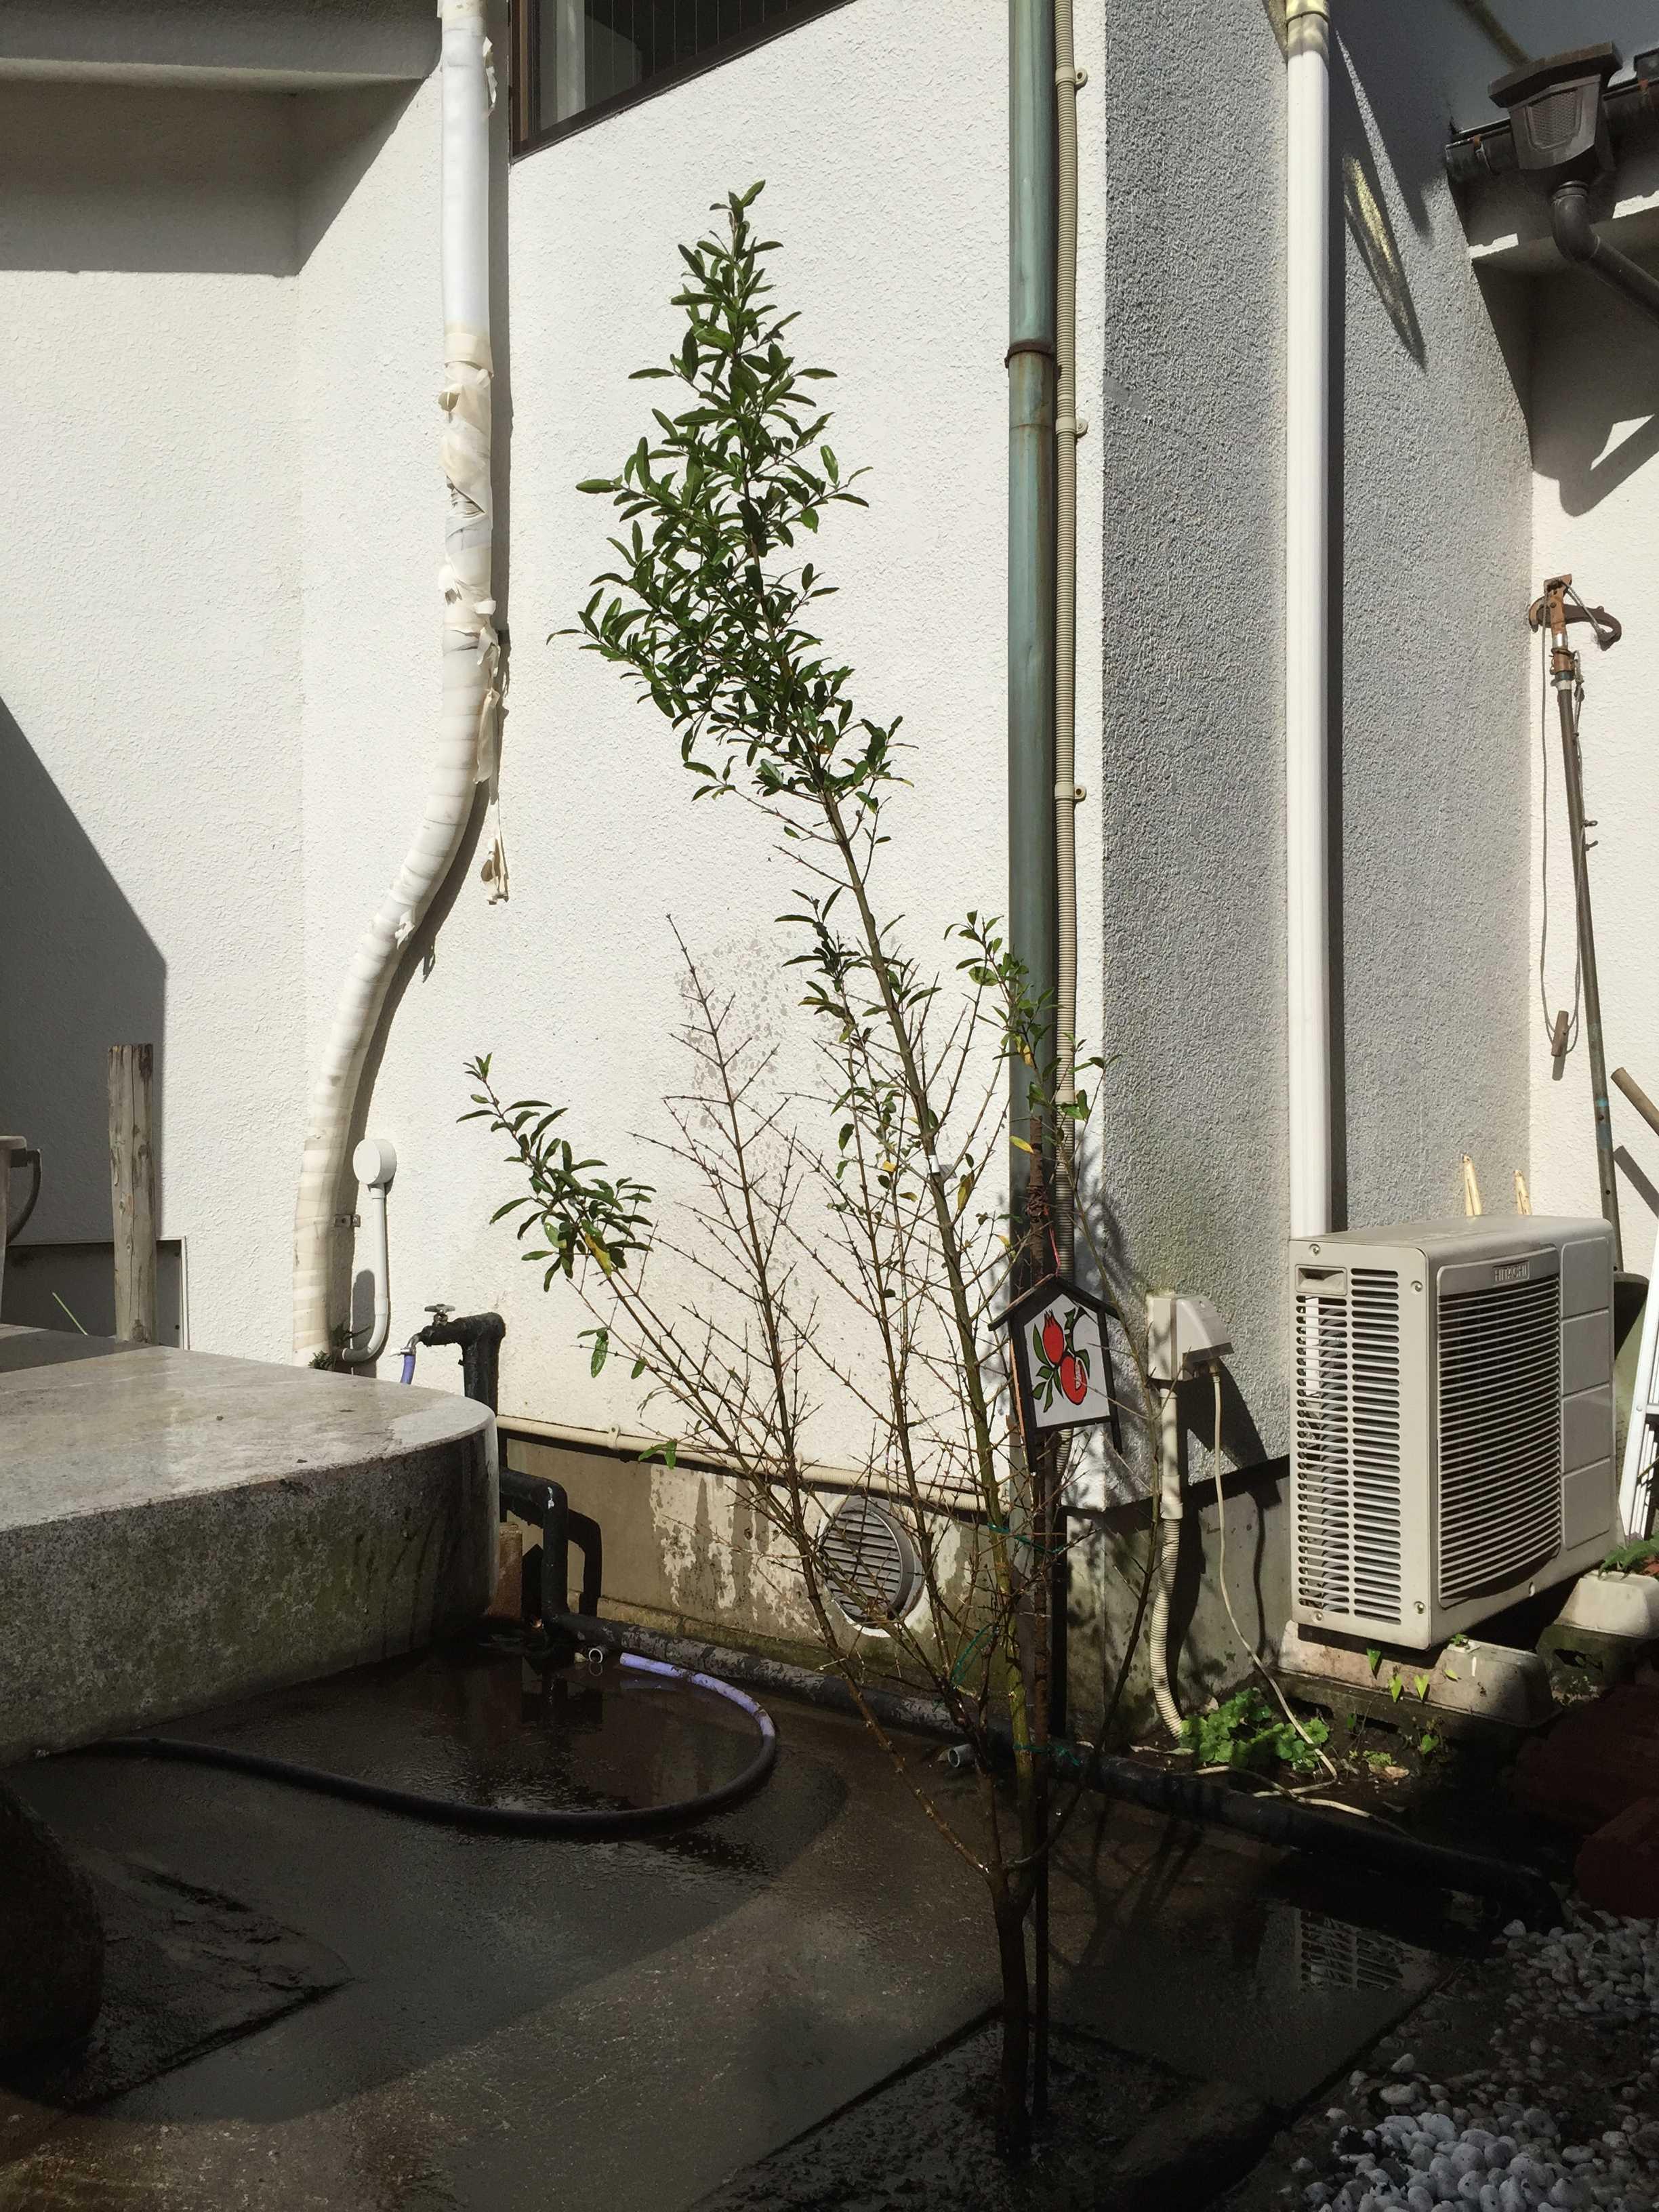 午前中、陽を浴びるザクロの木